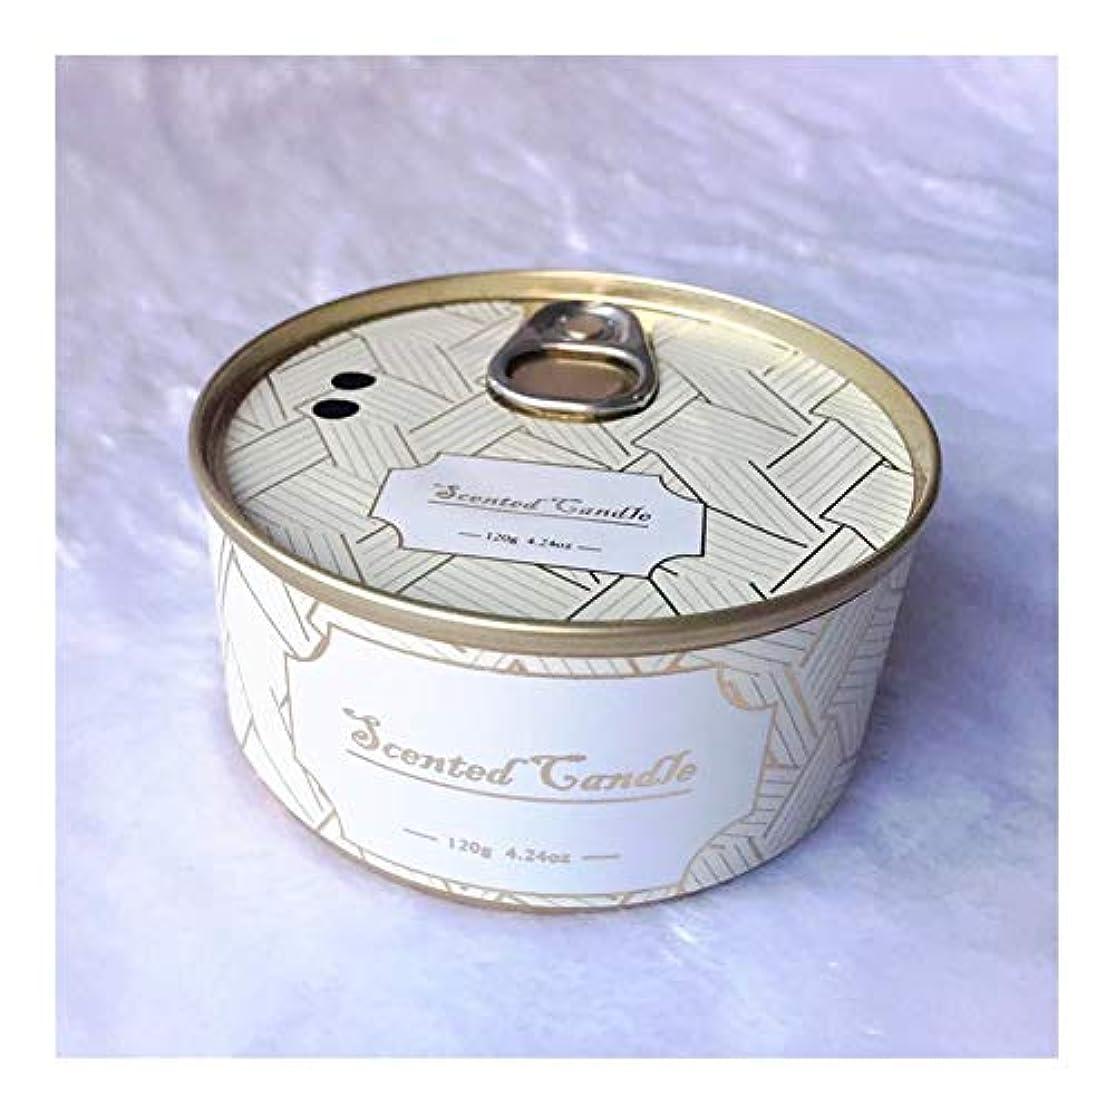 地下室エッセンスボリュームGuomao ブリキ缶植物エッセンシャルオイル大豆ワックスジュニパーラベンダーの香りのキャンドル (色 : Lavender)